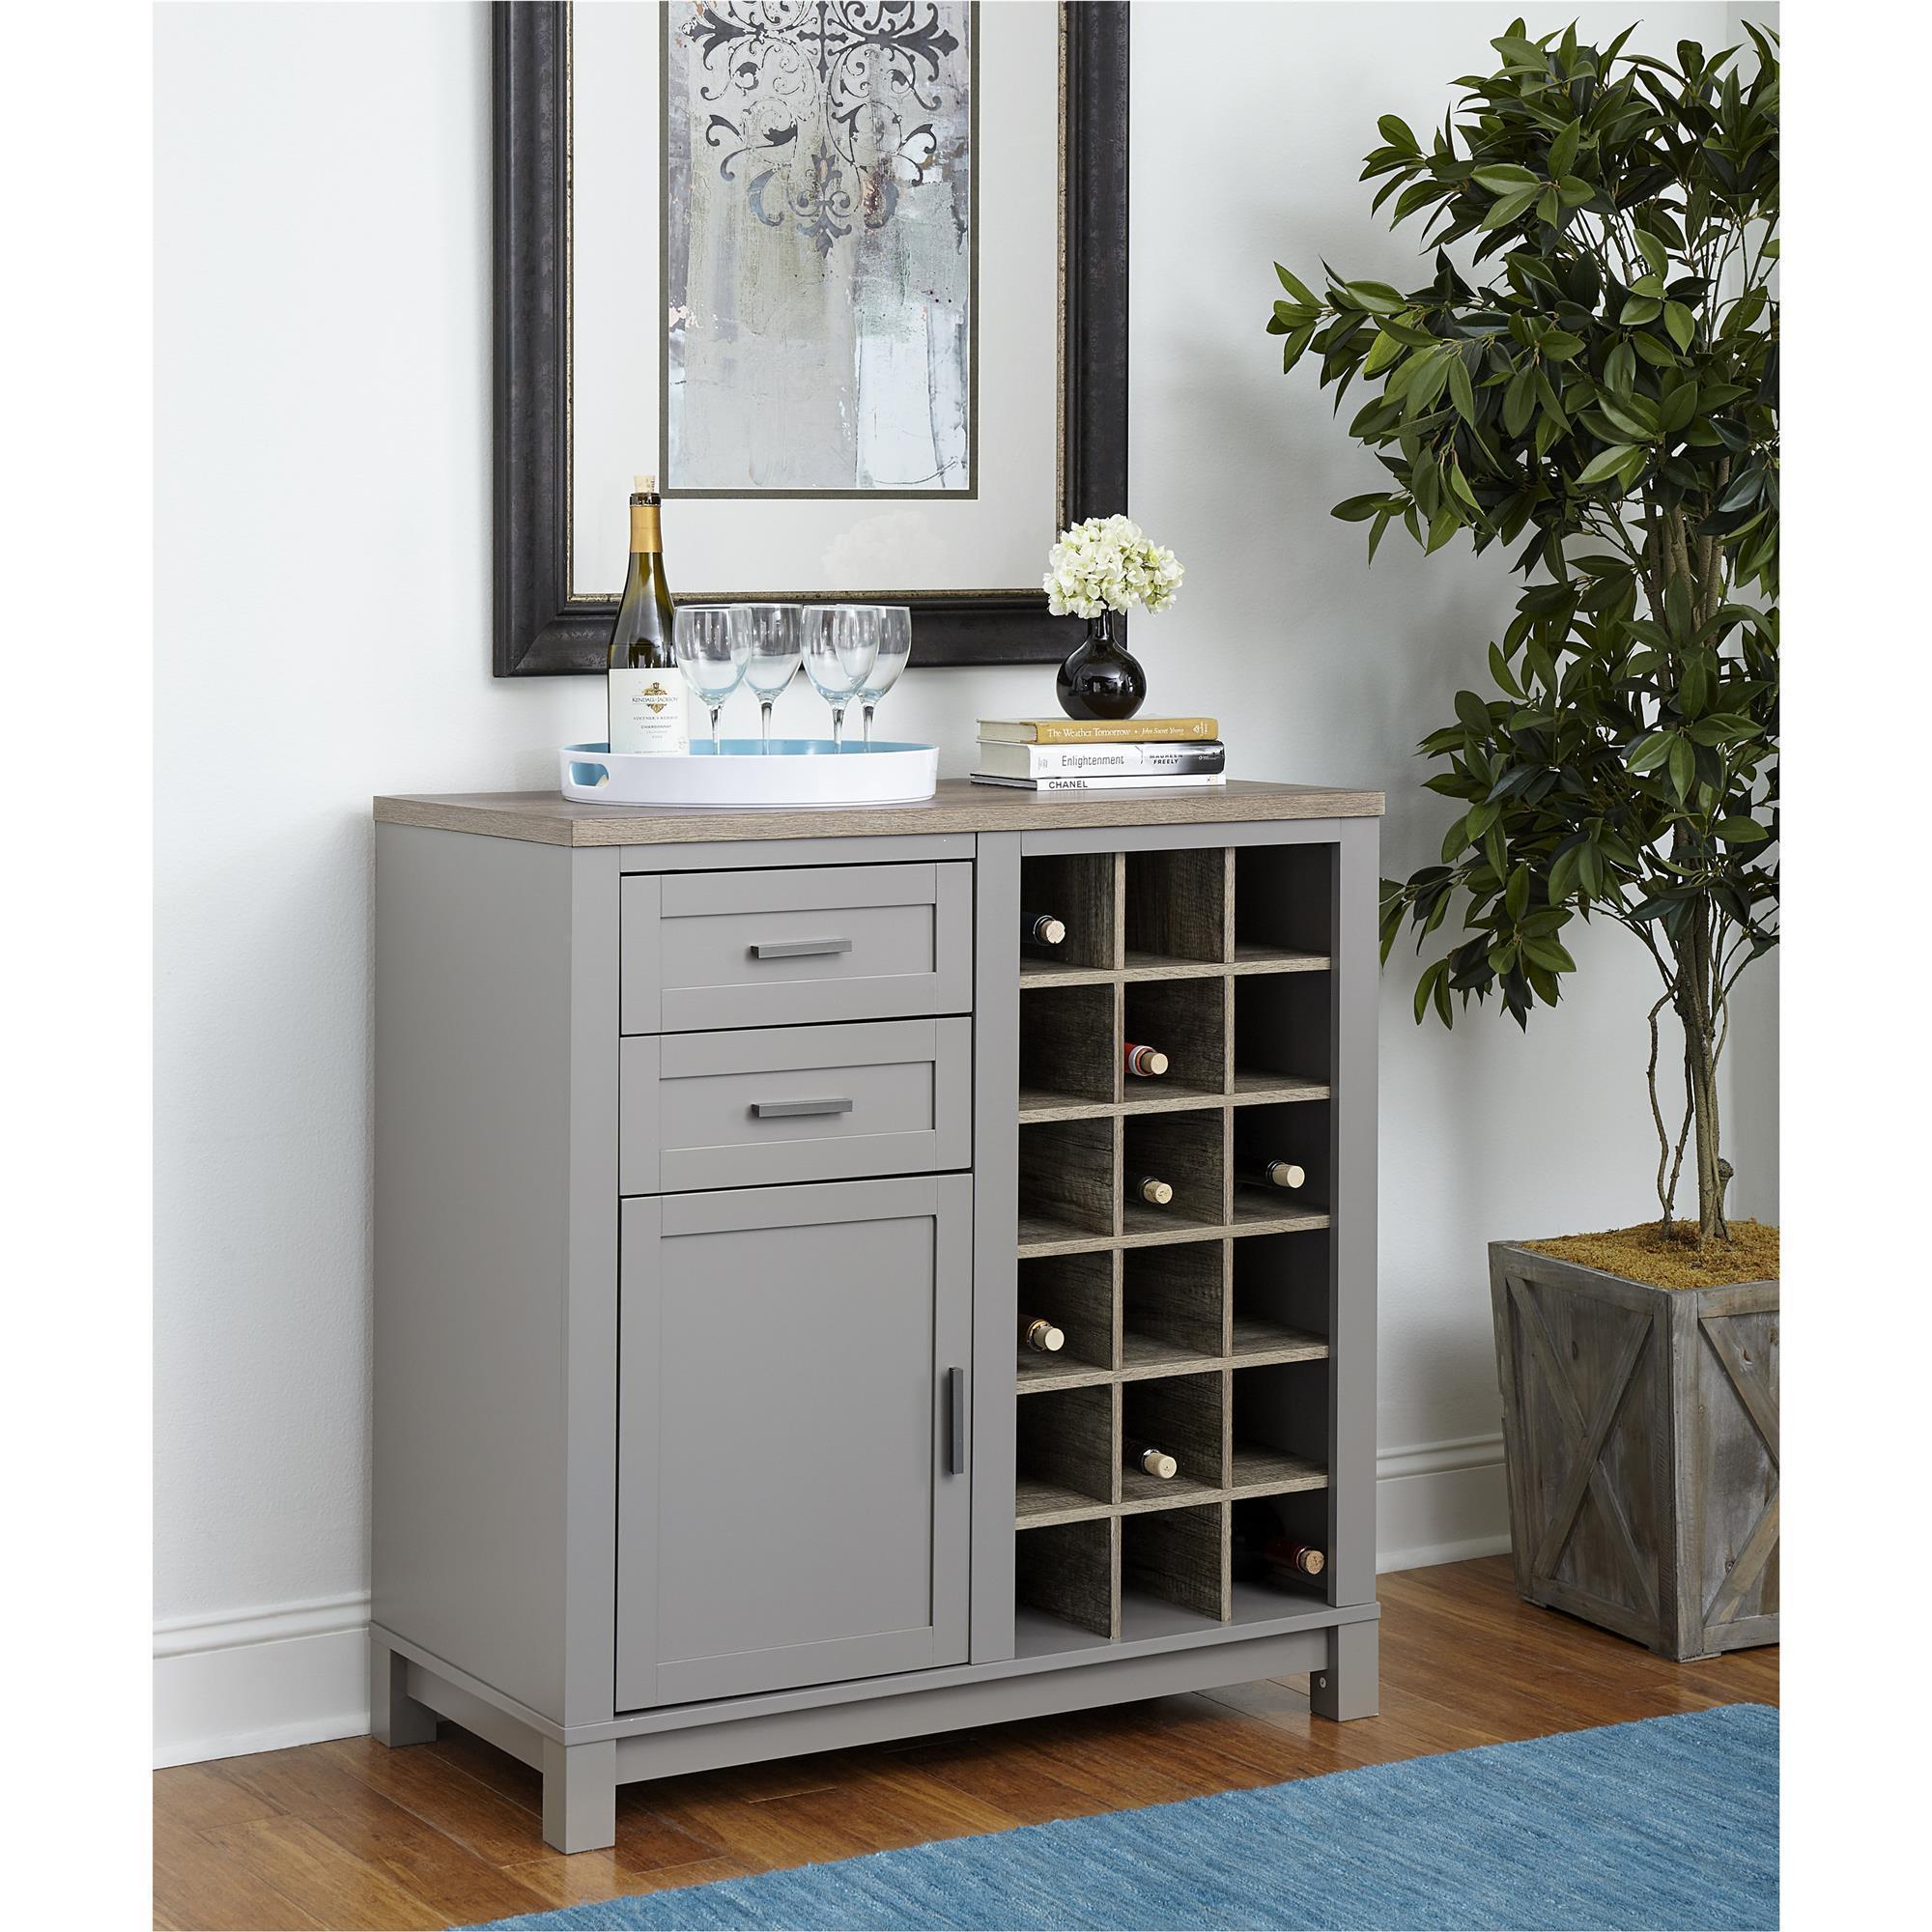 Shop Ameriwood Home Carver Grey/ Sonoma Oak Bar Cabinet - Free ...